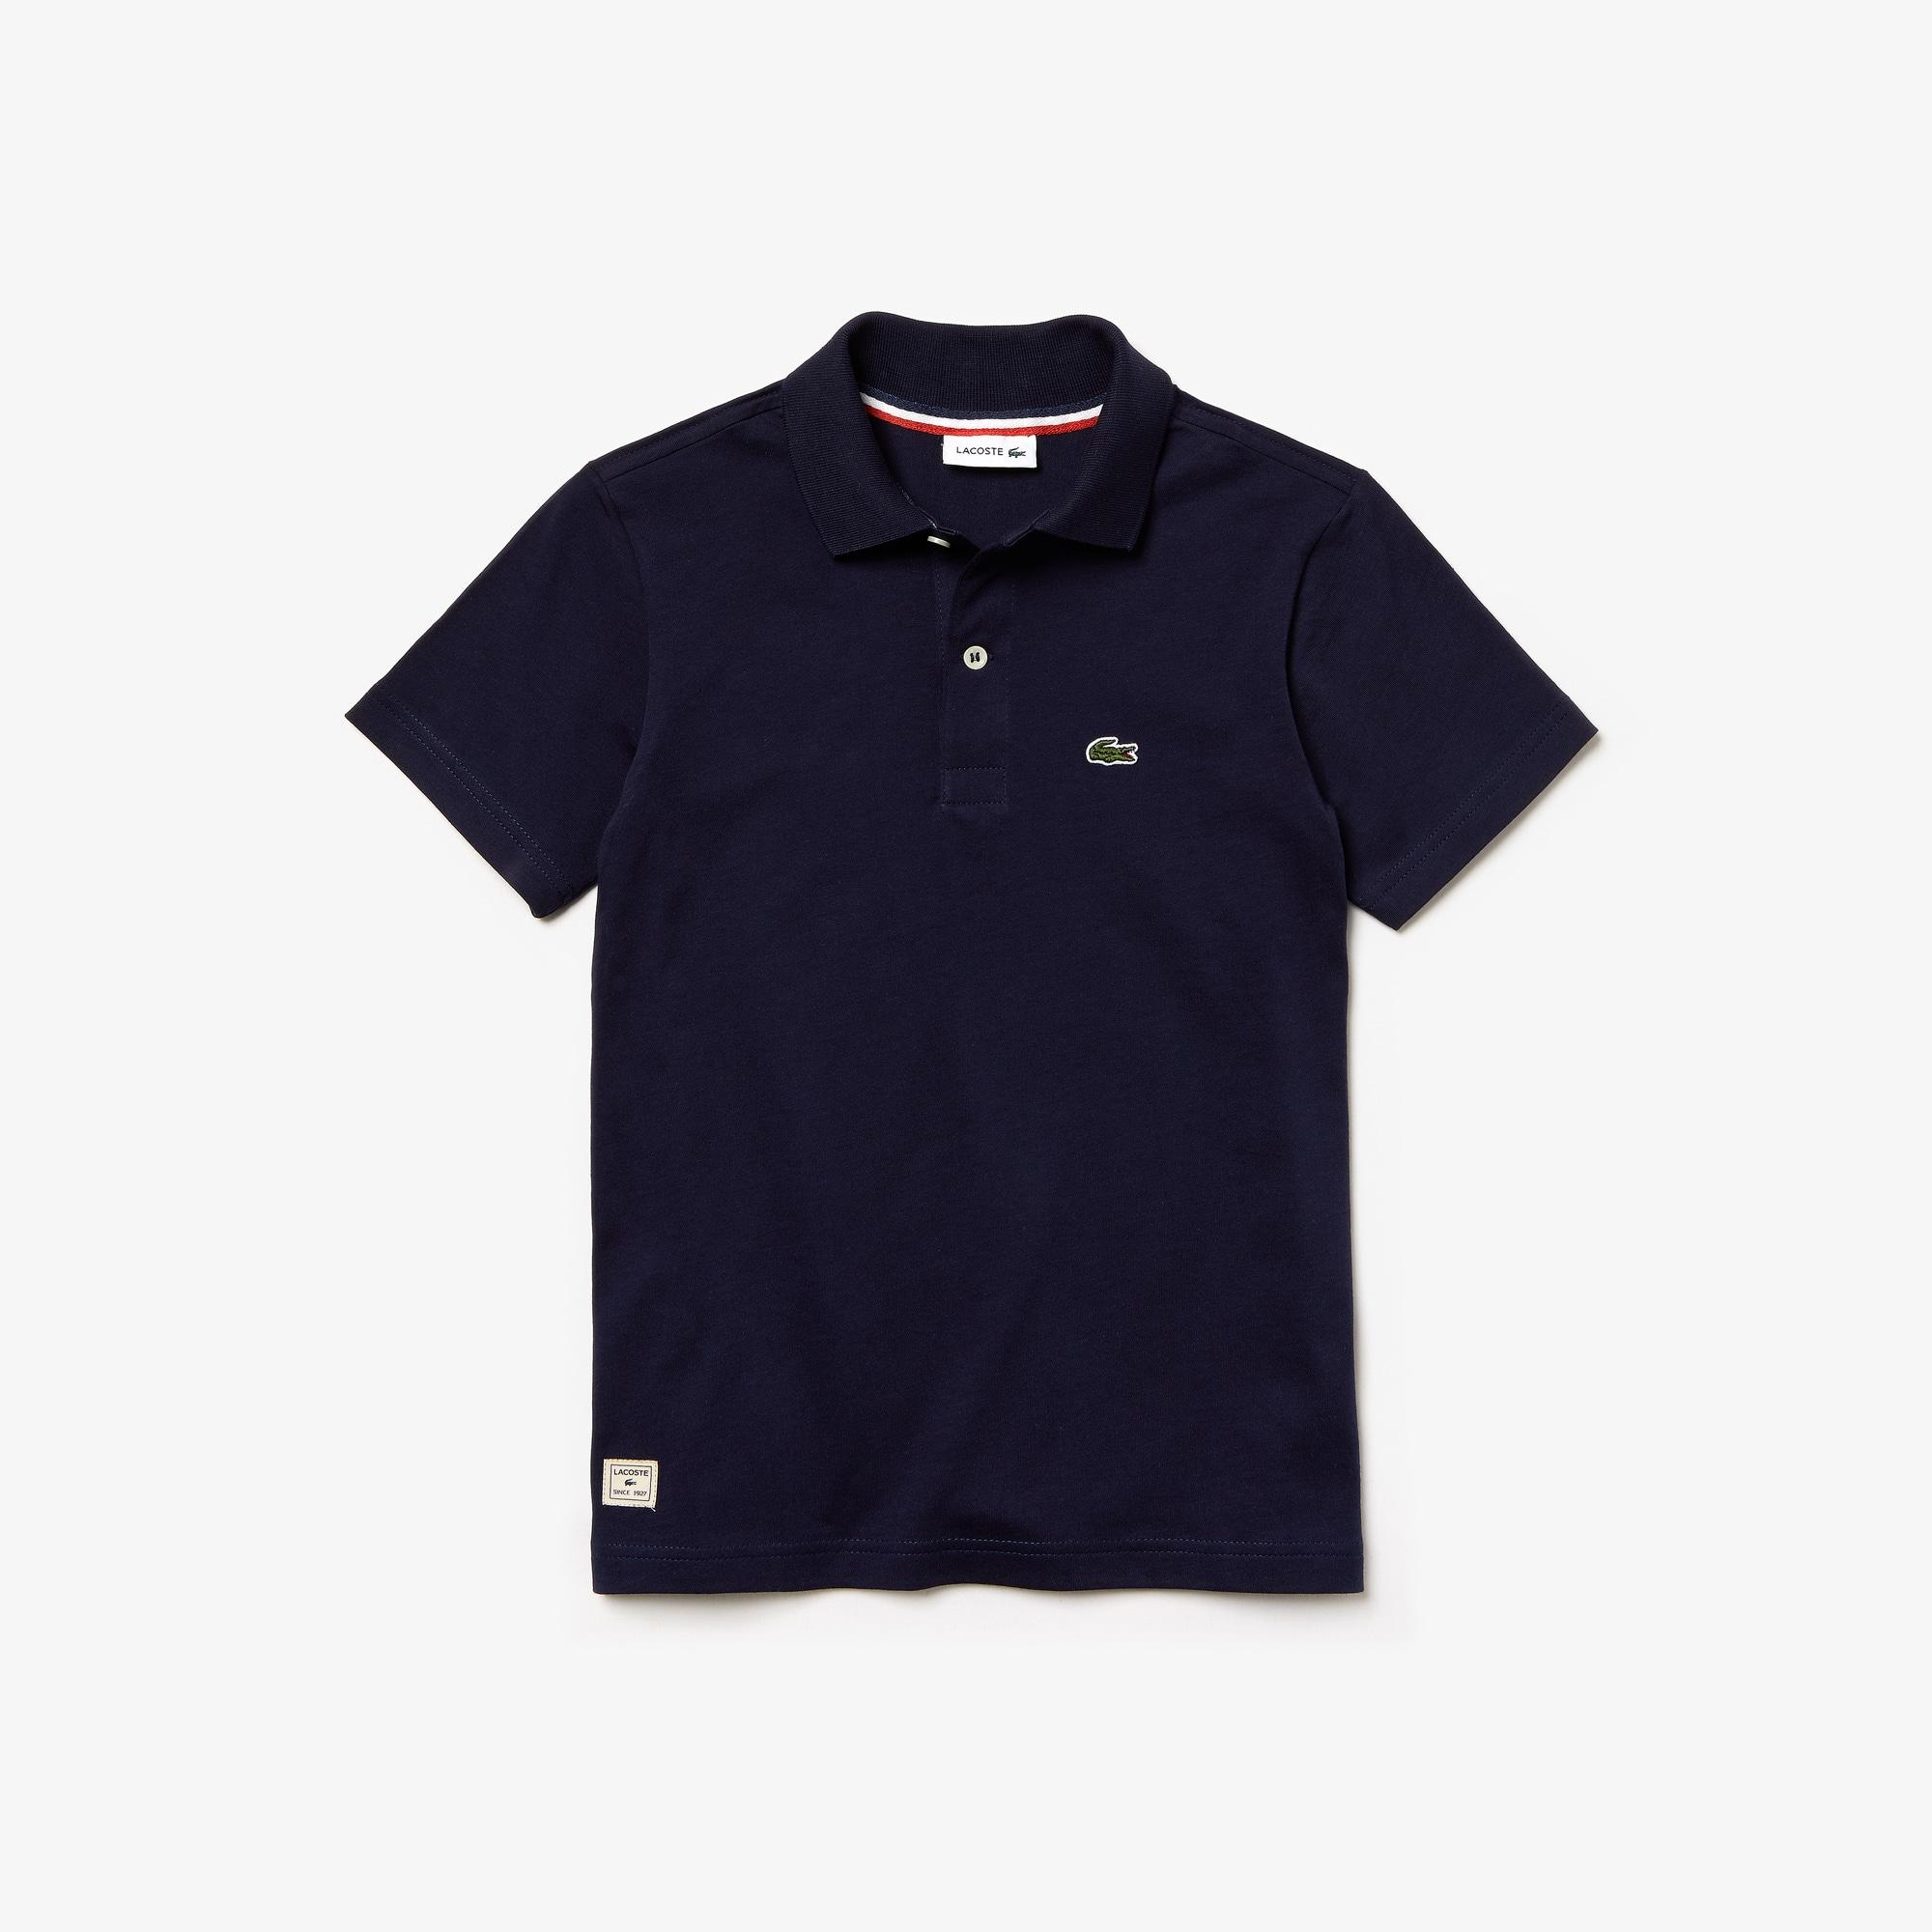 قميص بولو Lacoste من قطن الجيرسيه للصبيان